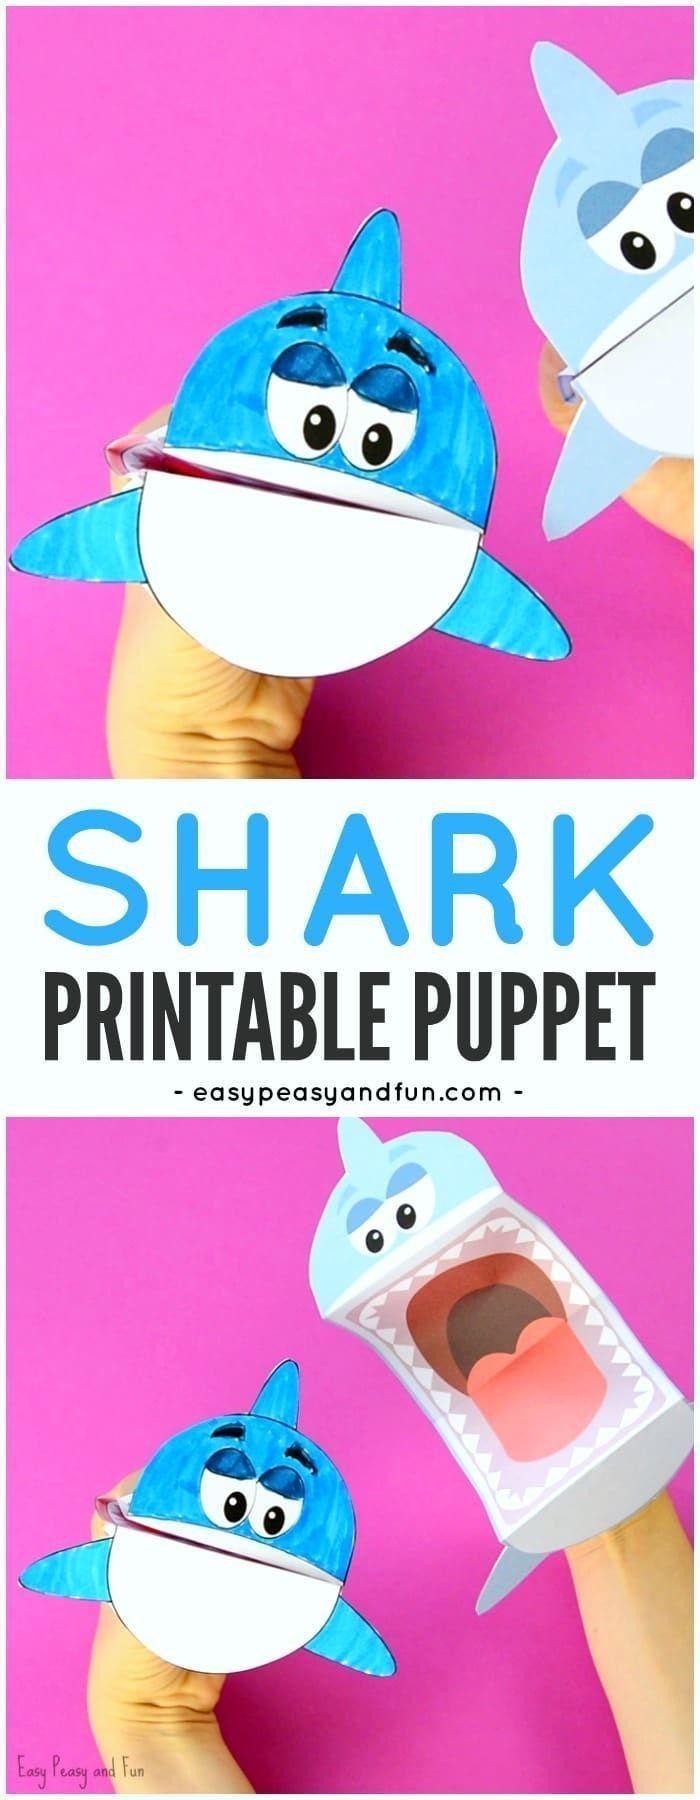 Papercraft Phone Printable Shark Puppet Art Kids Diys Pinterest